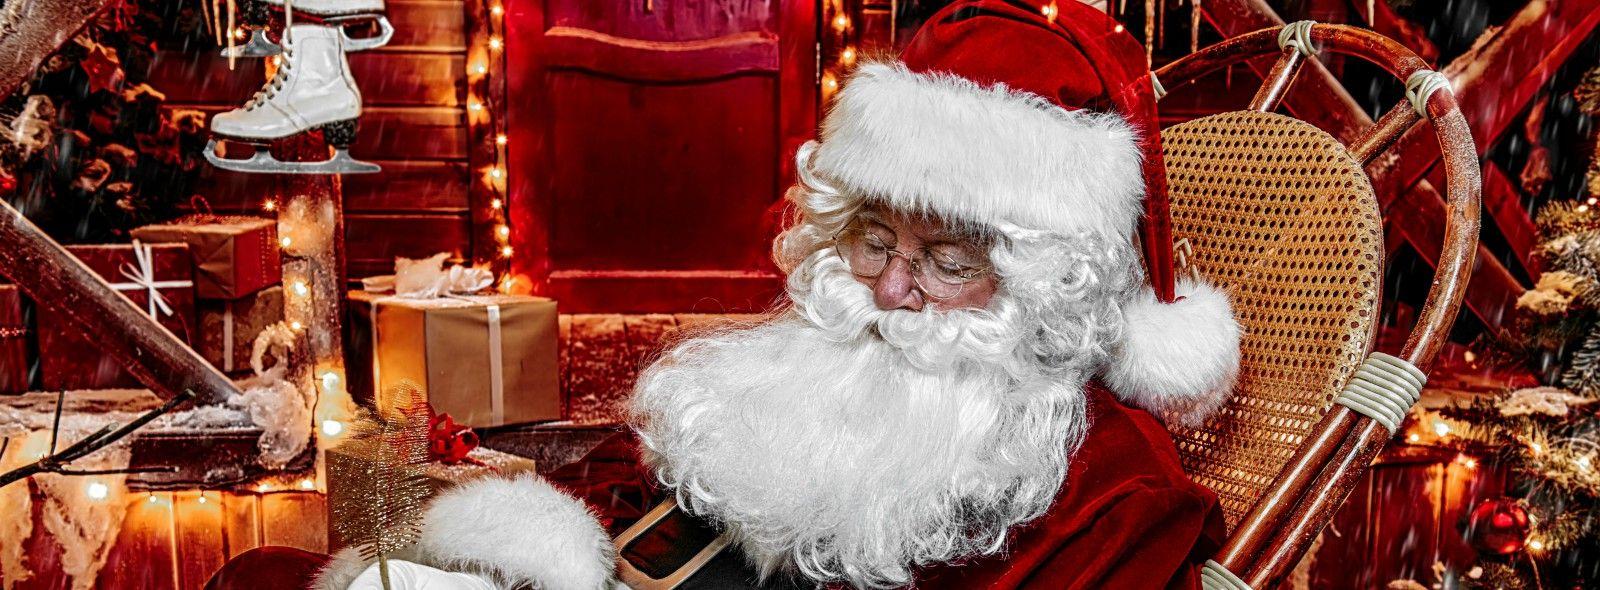 Dove E La Casa Di Babbo Natale.La Casa Di Babbo Natale Trovami